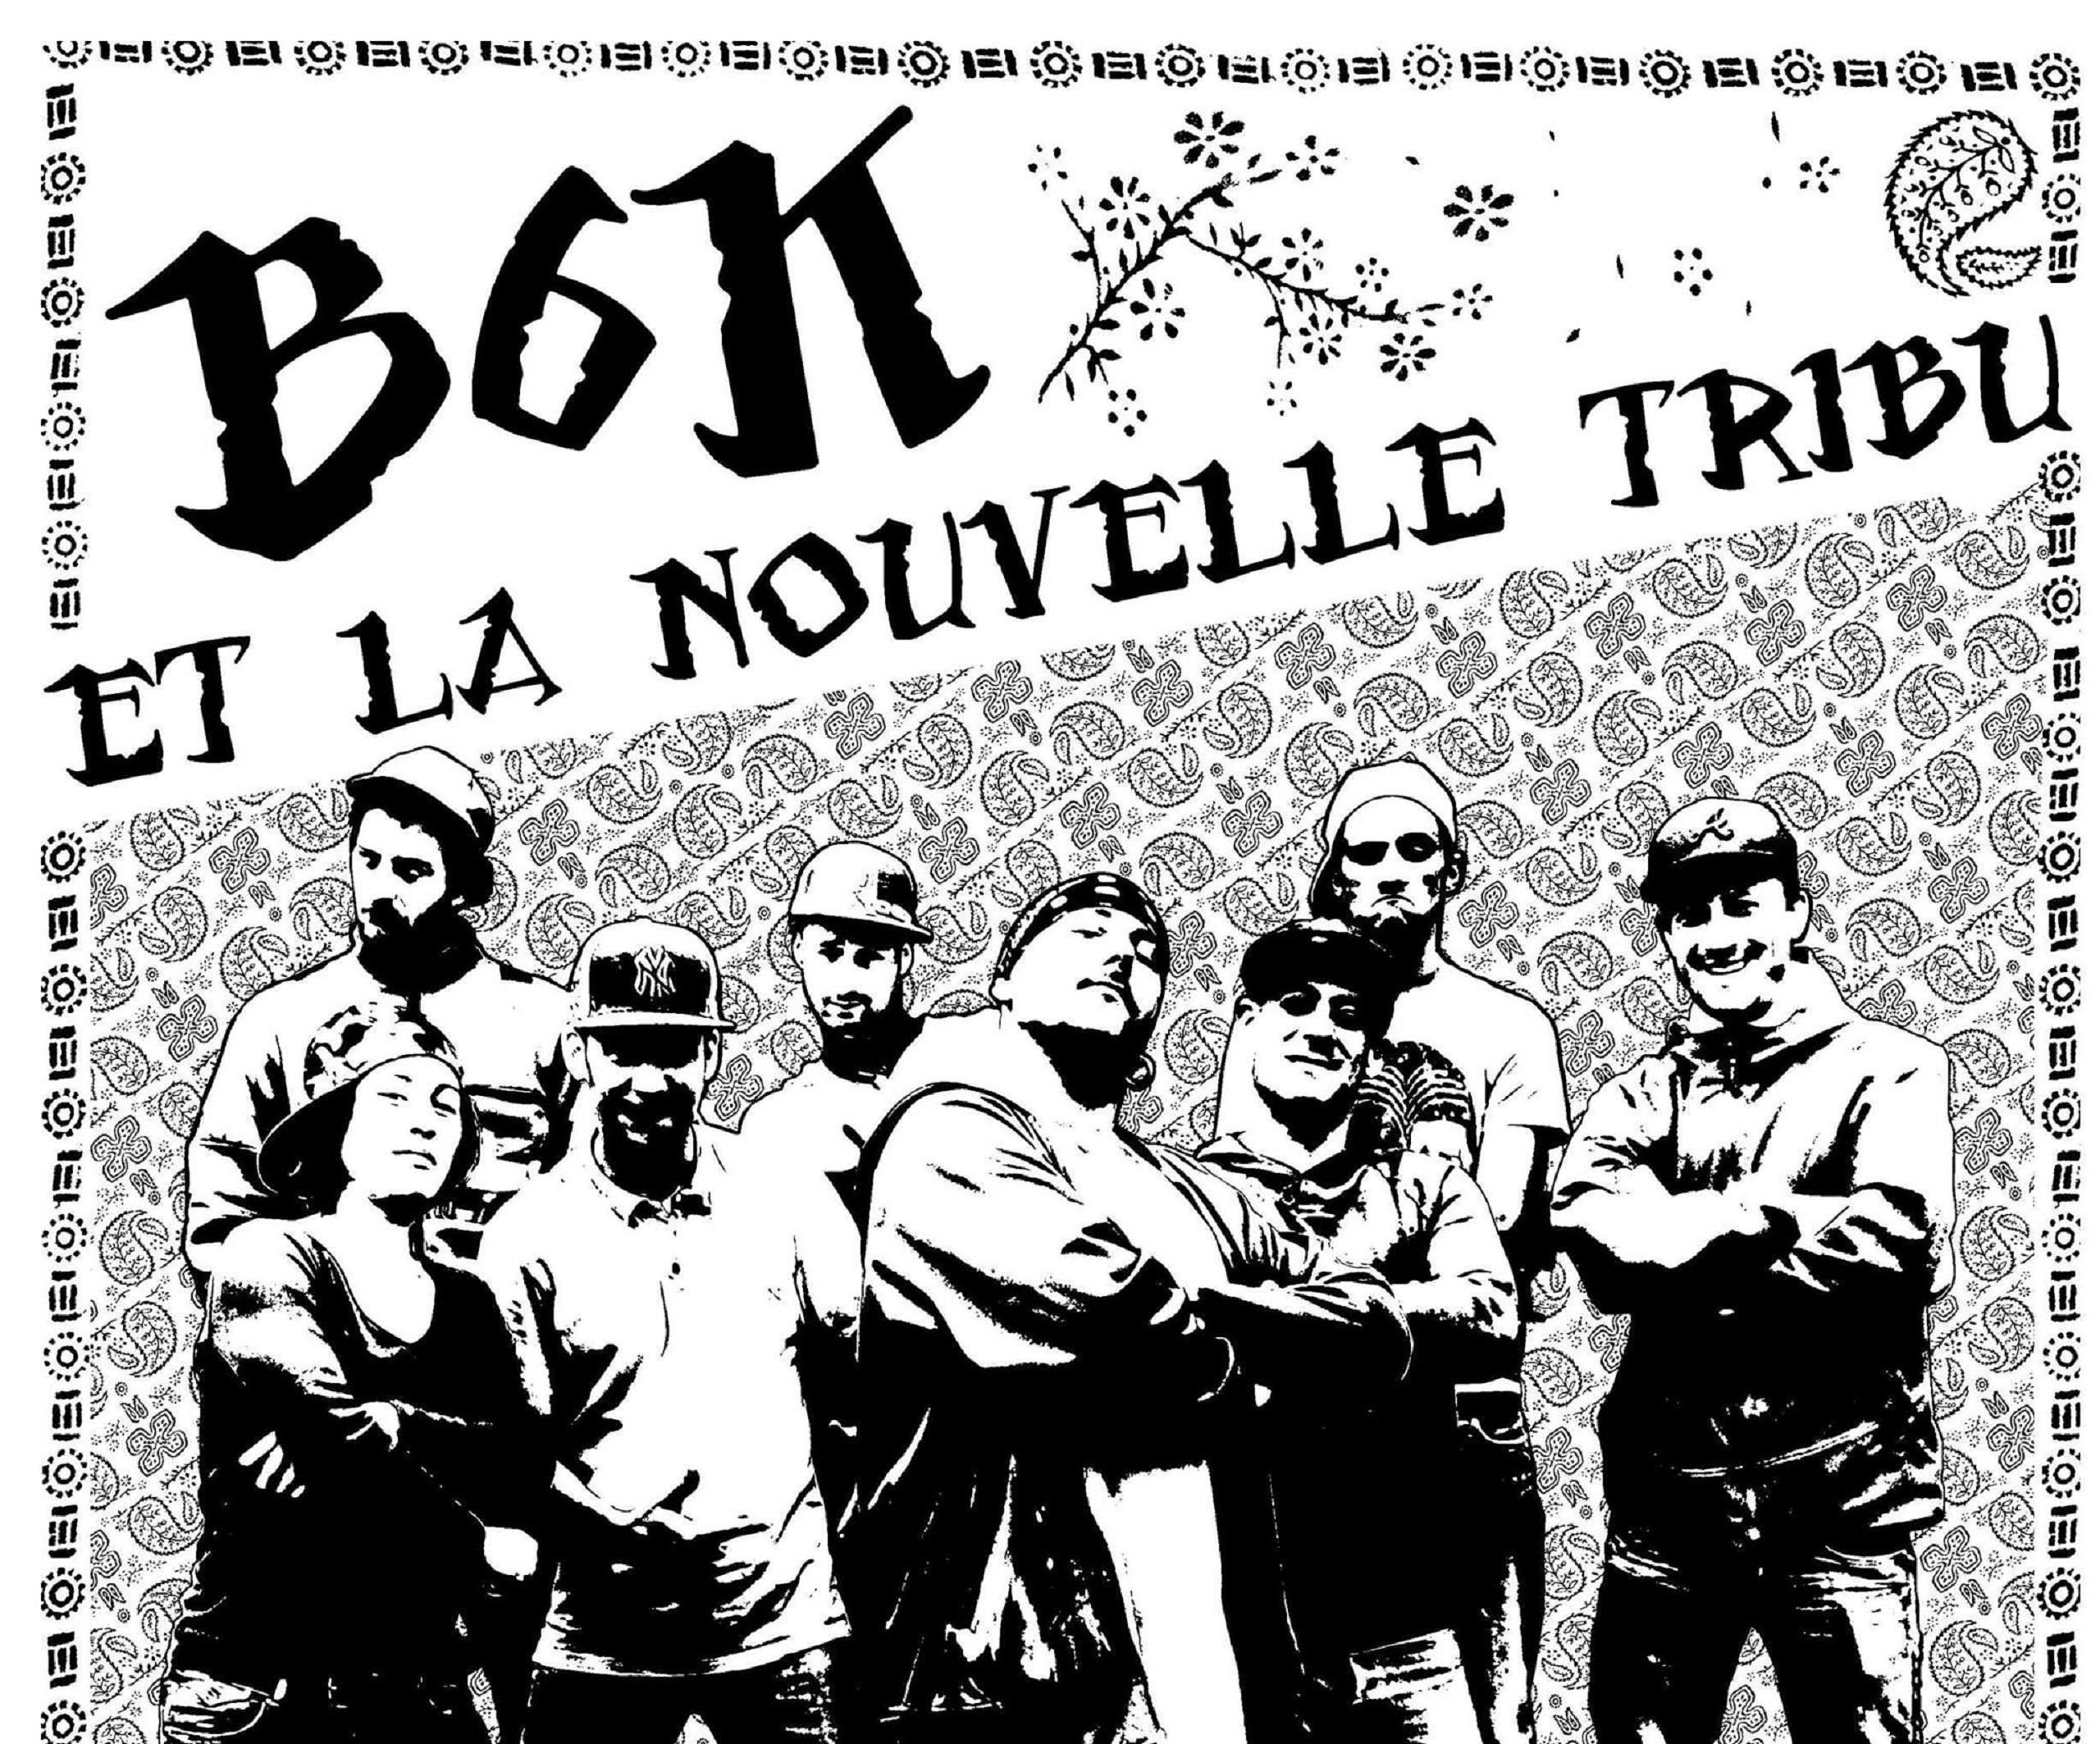 B6K & la nouvelle tribu